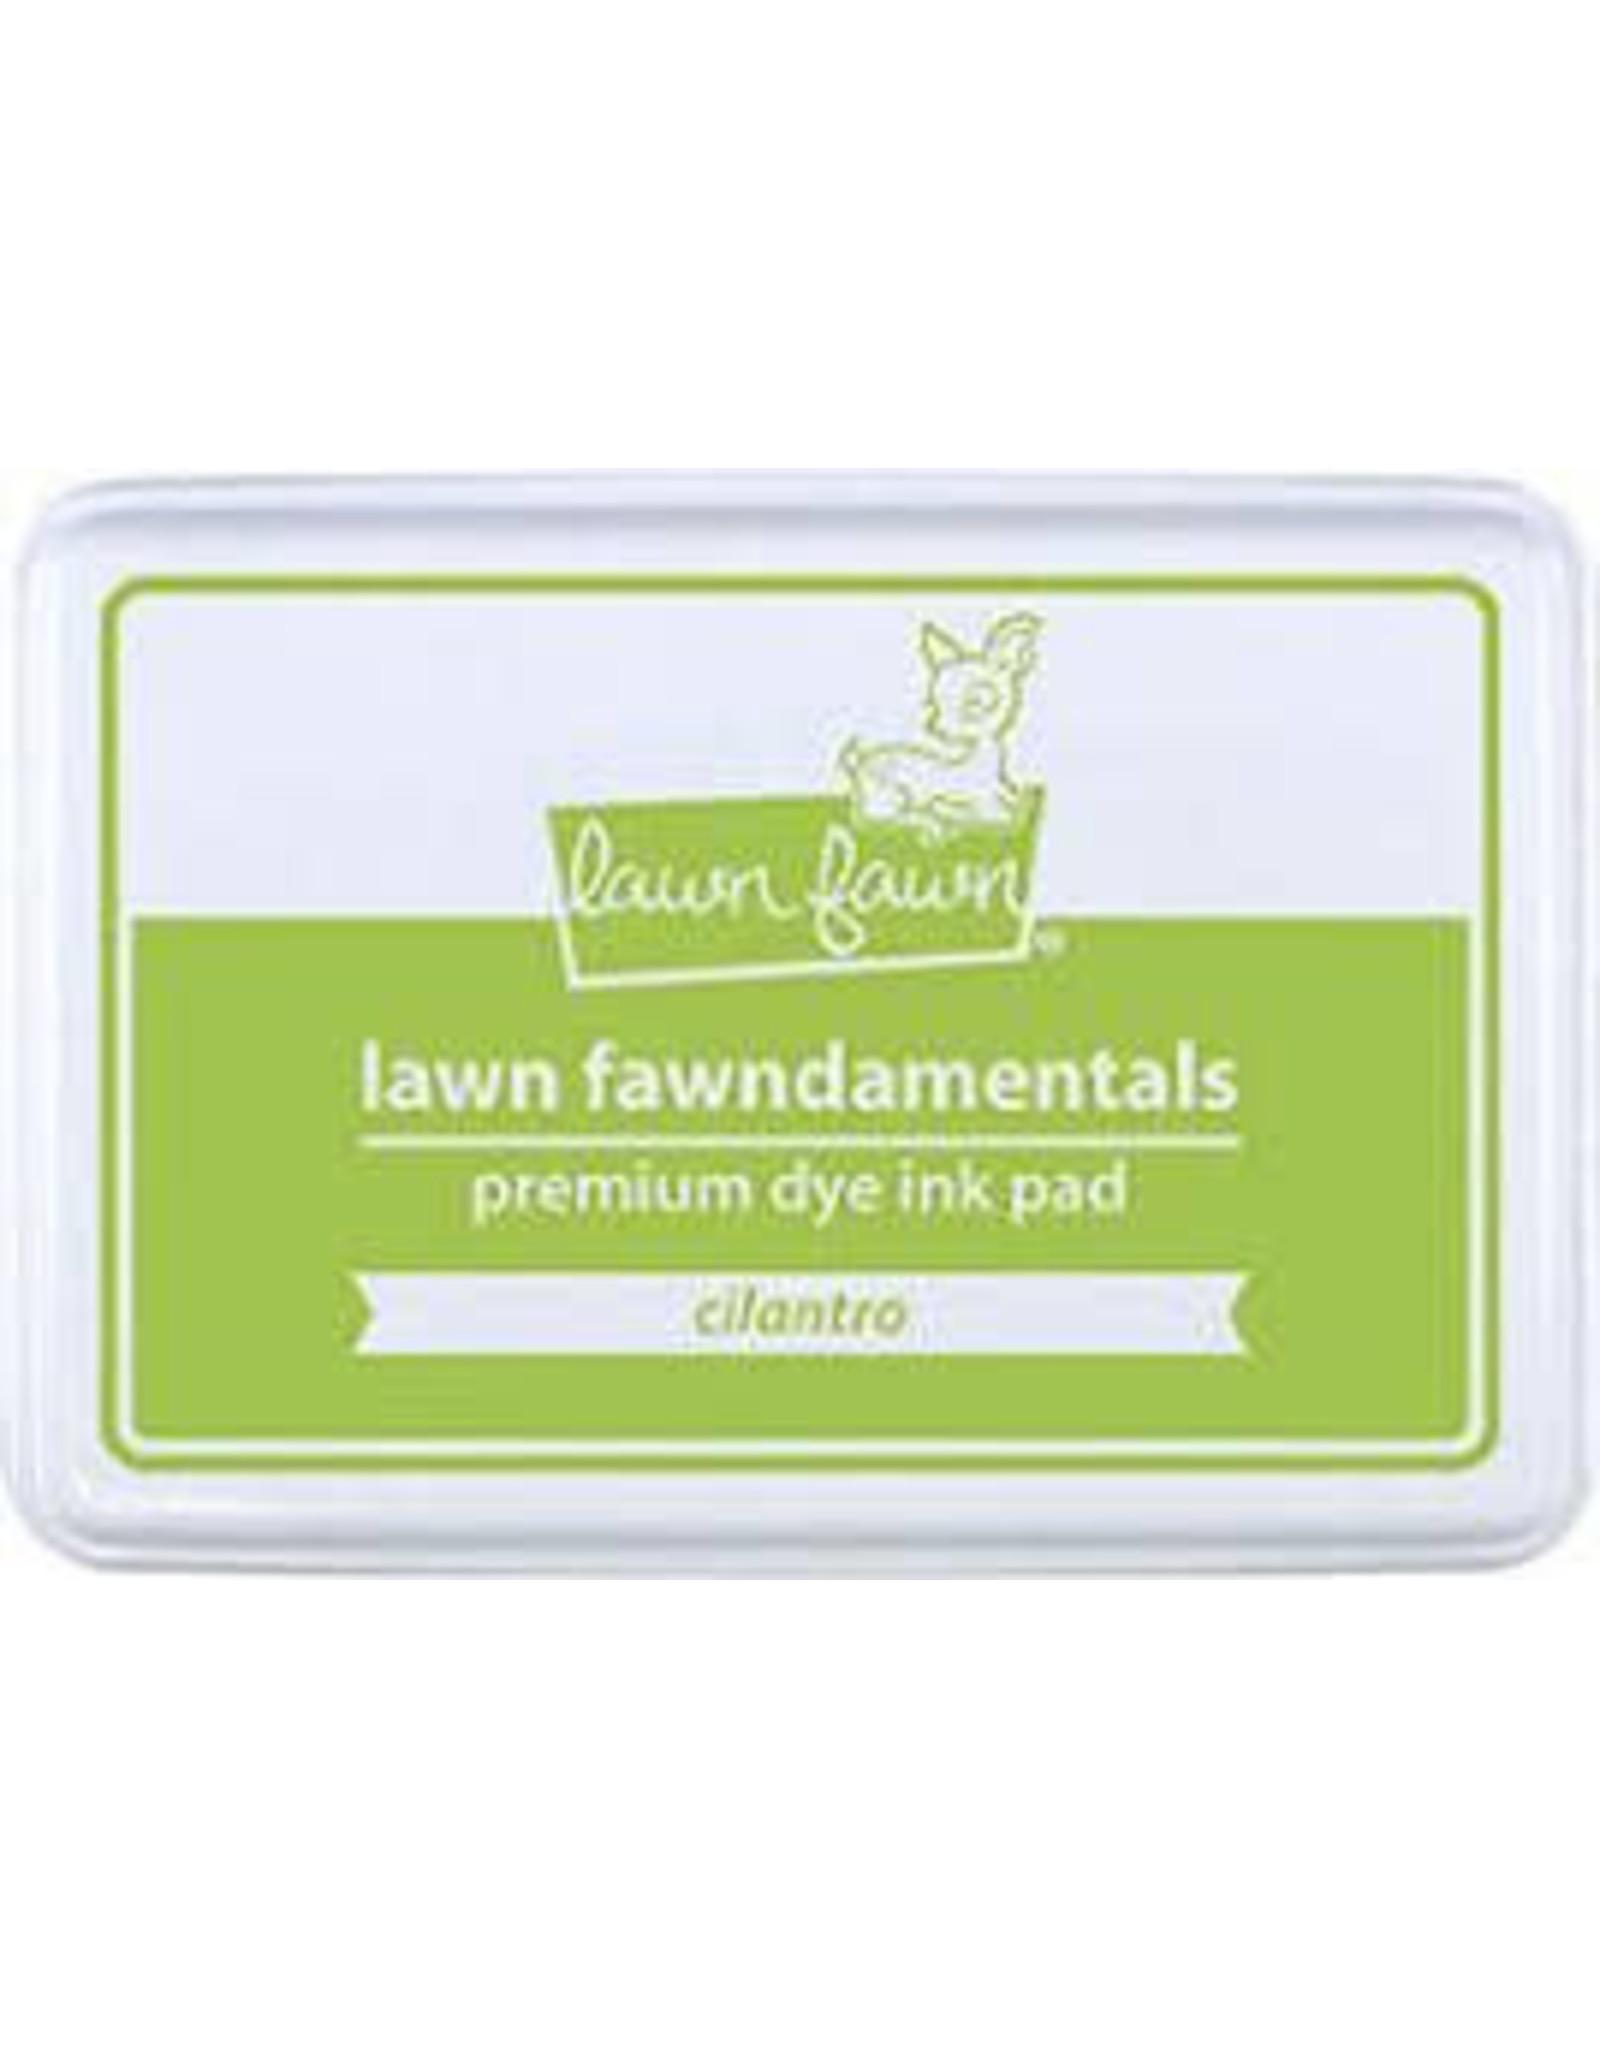 Lawn Fawn Lawn Fawndamentals Dye Ink Pad - Cilantro